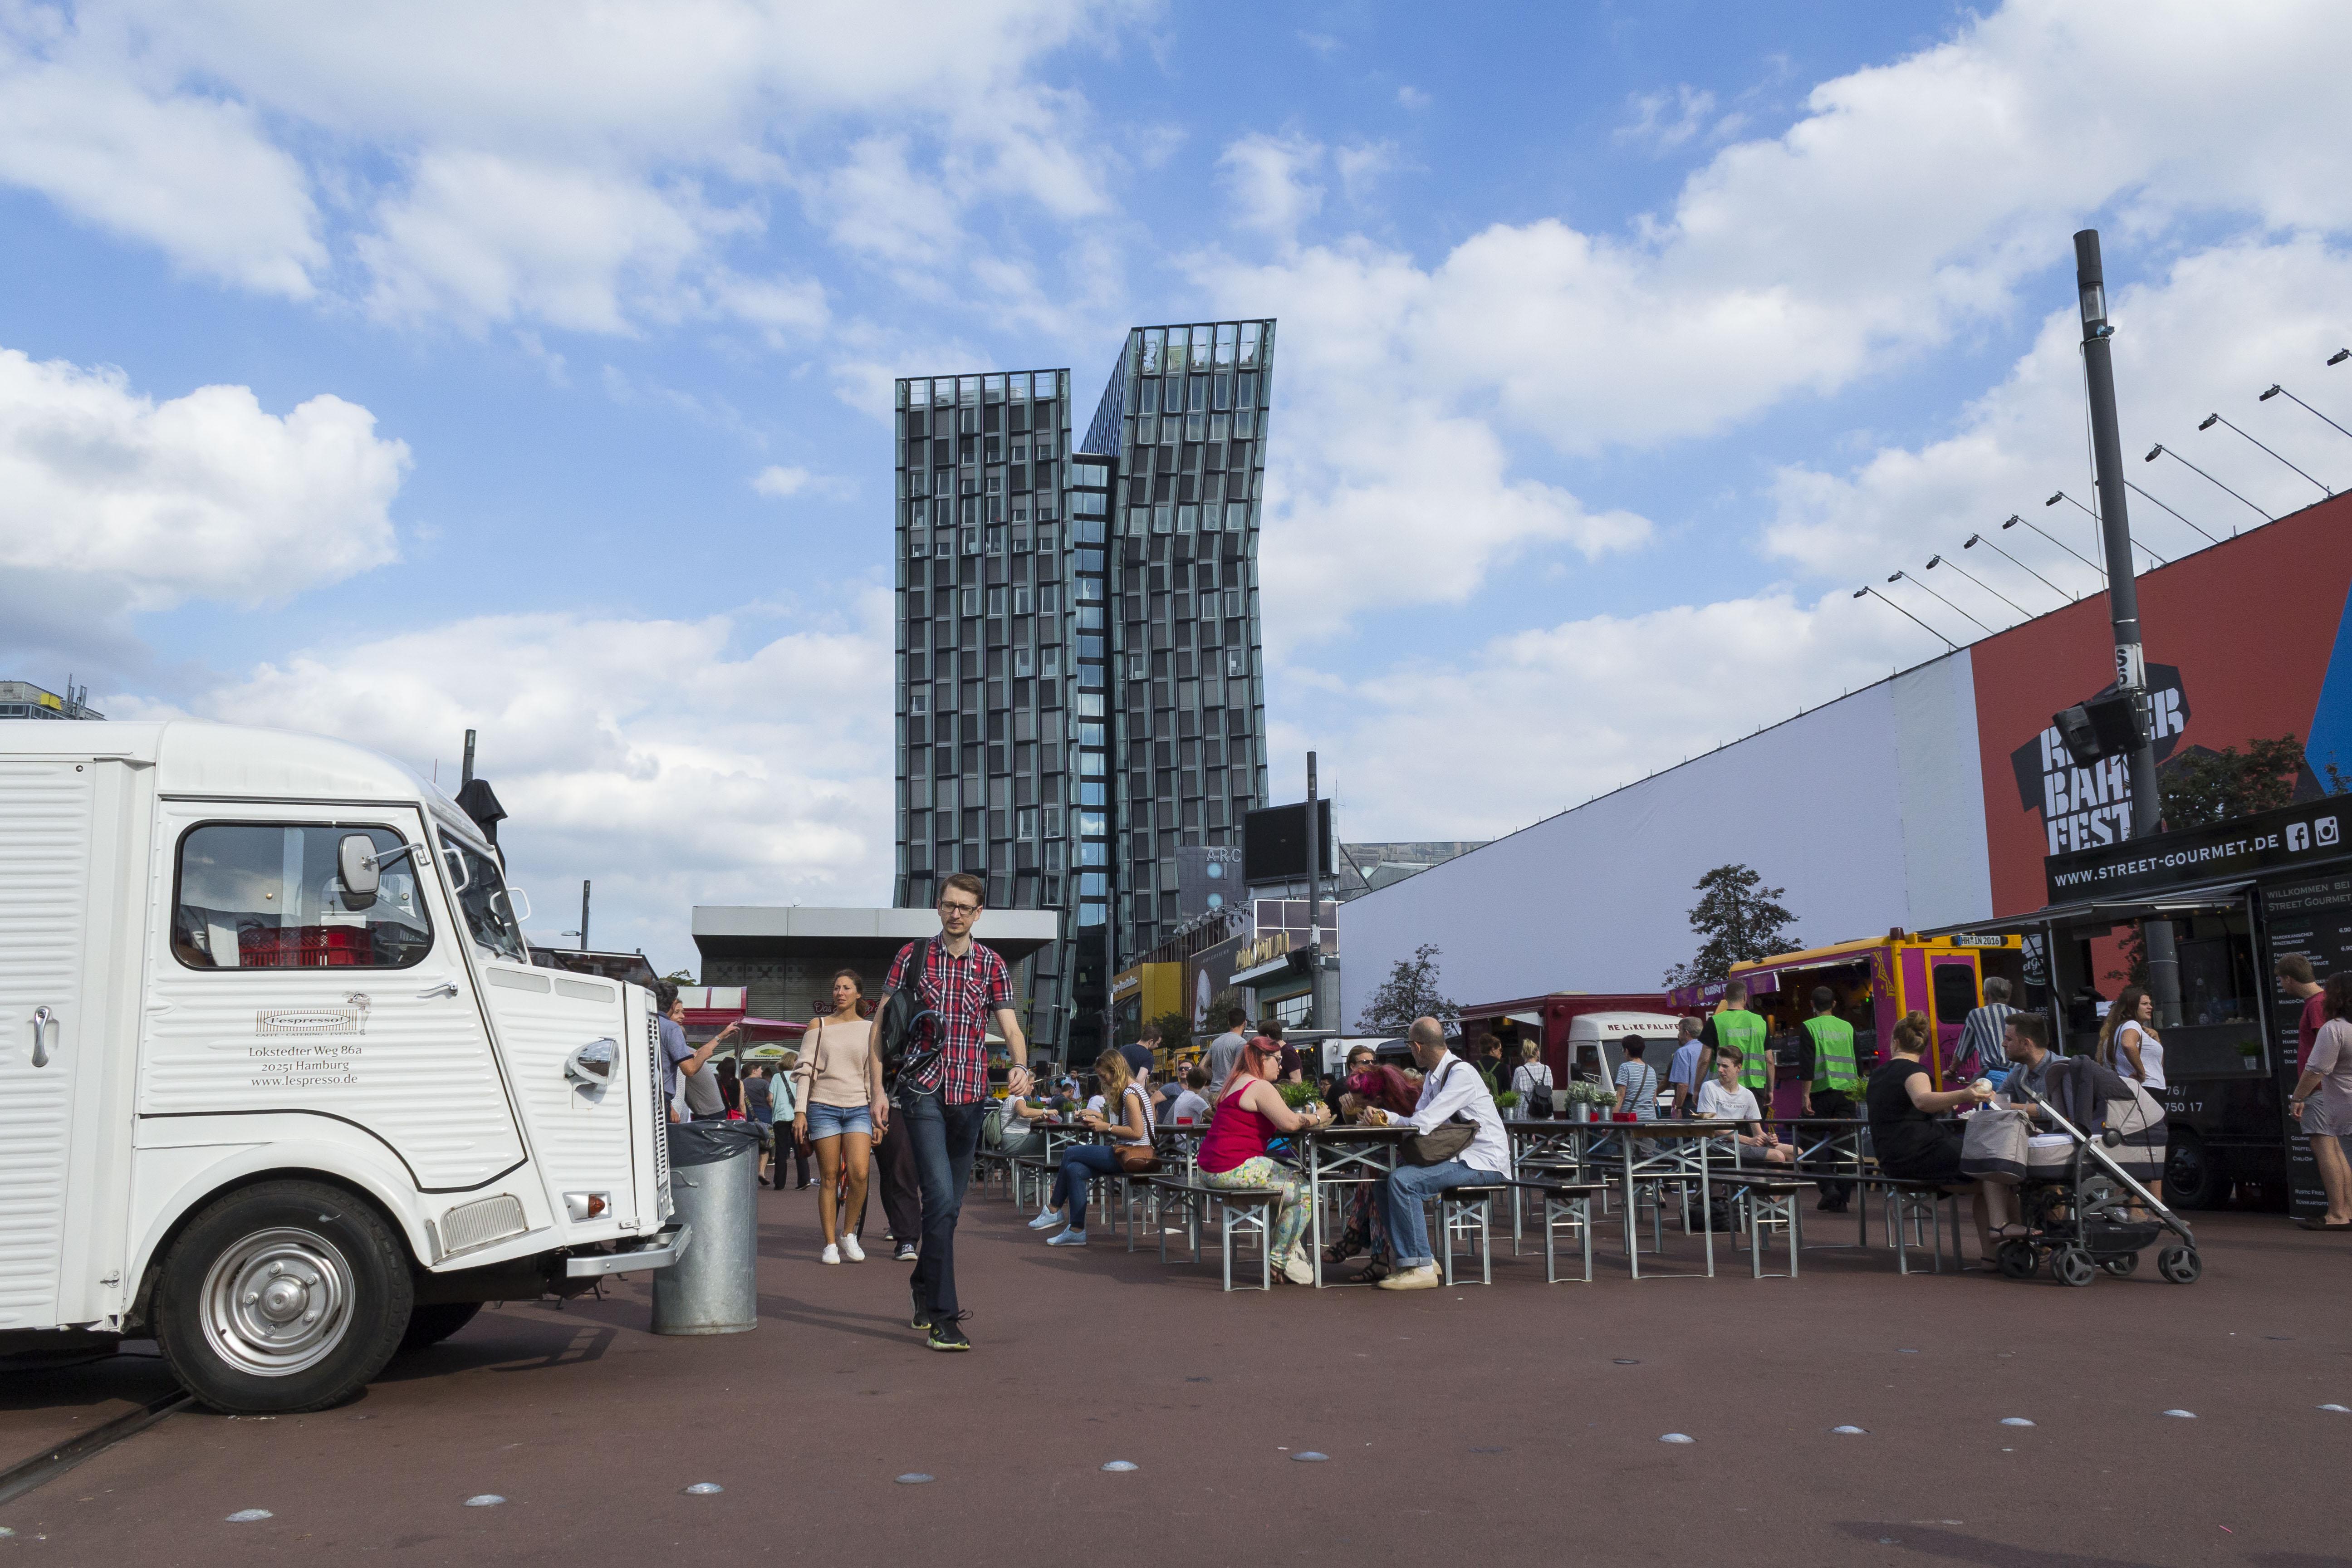 food trucks spielbudenplatz freihafen. Black Bedroom Furniture Sets. Home Design Ideas